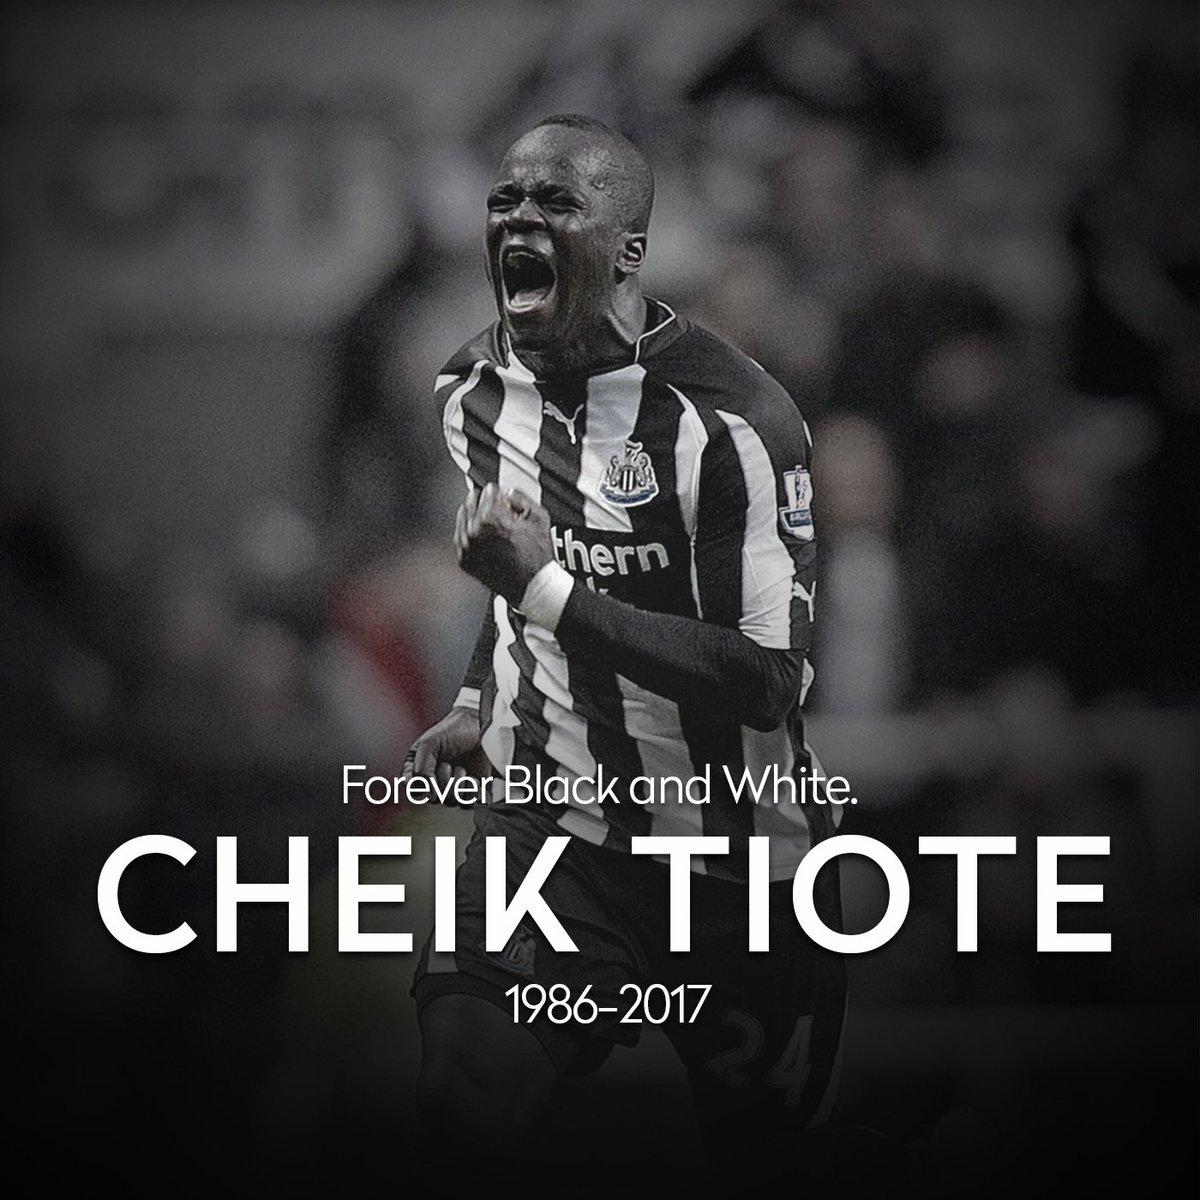 Faleceu hoje o marfinense Cheick Tiote, ex-Newcastle e que estava atuando no futebol chinês. Jogador veio a falecer num treino de sua equipe